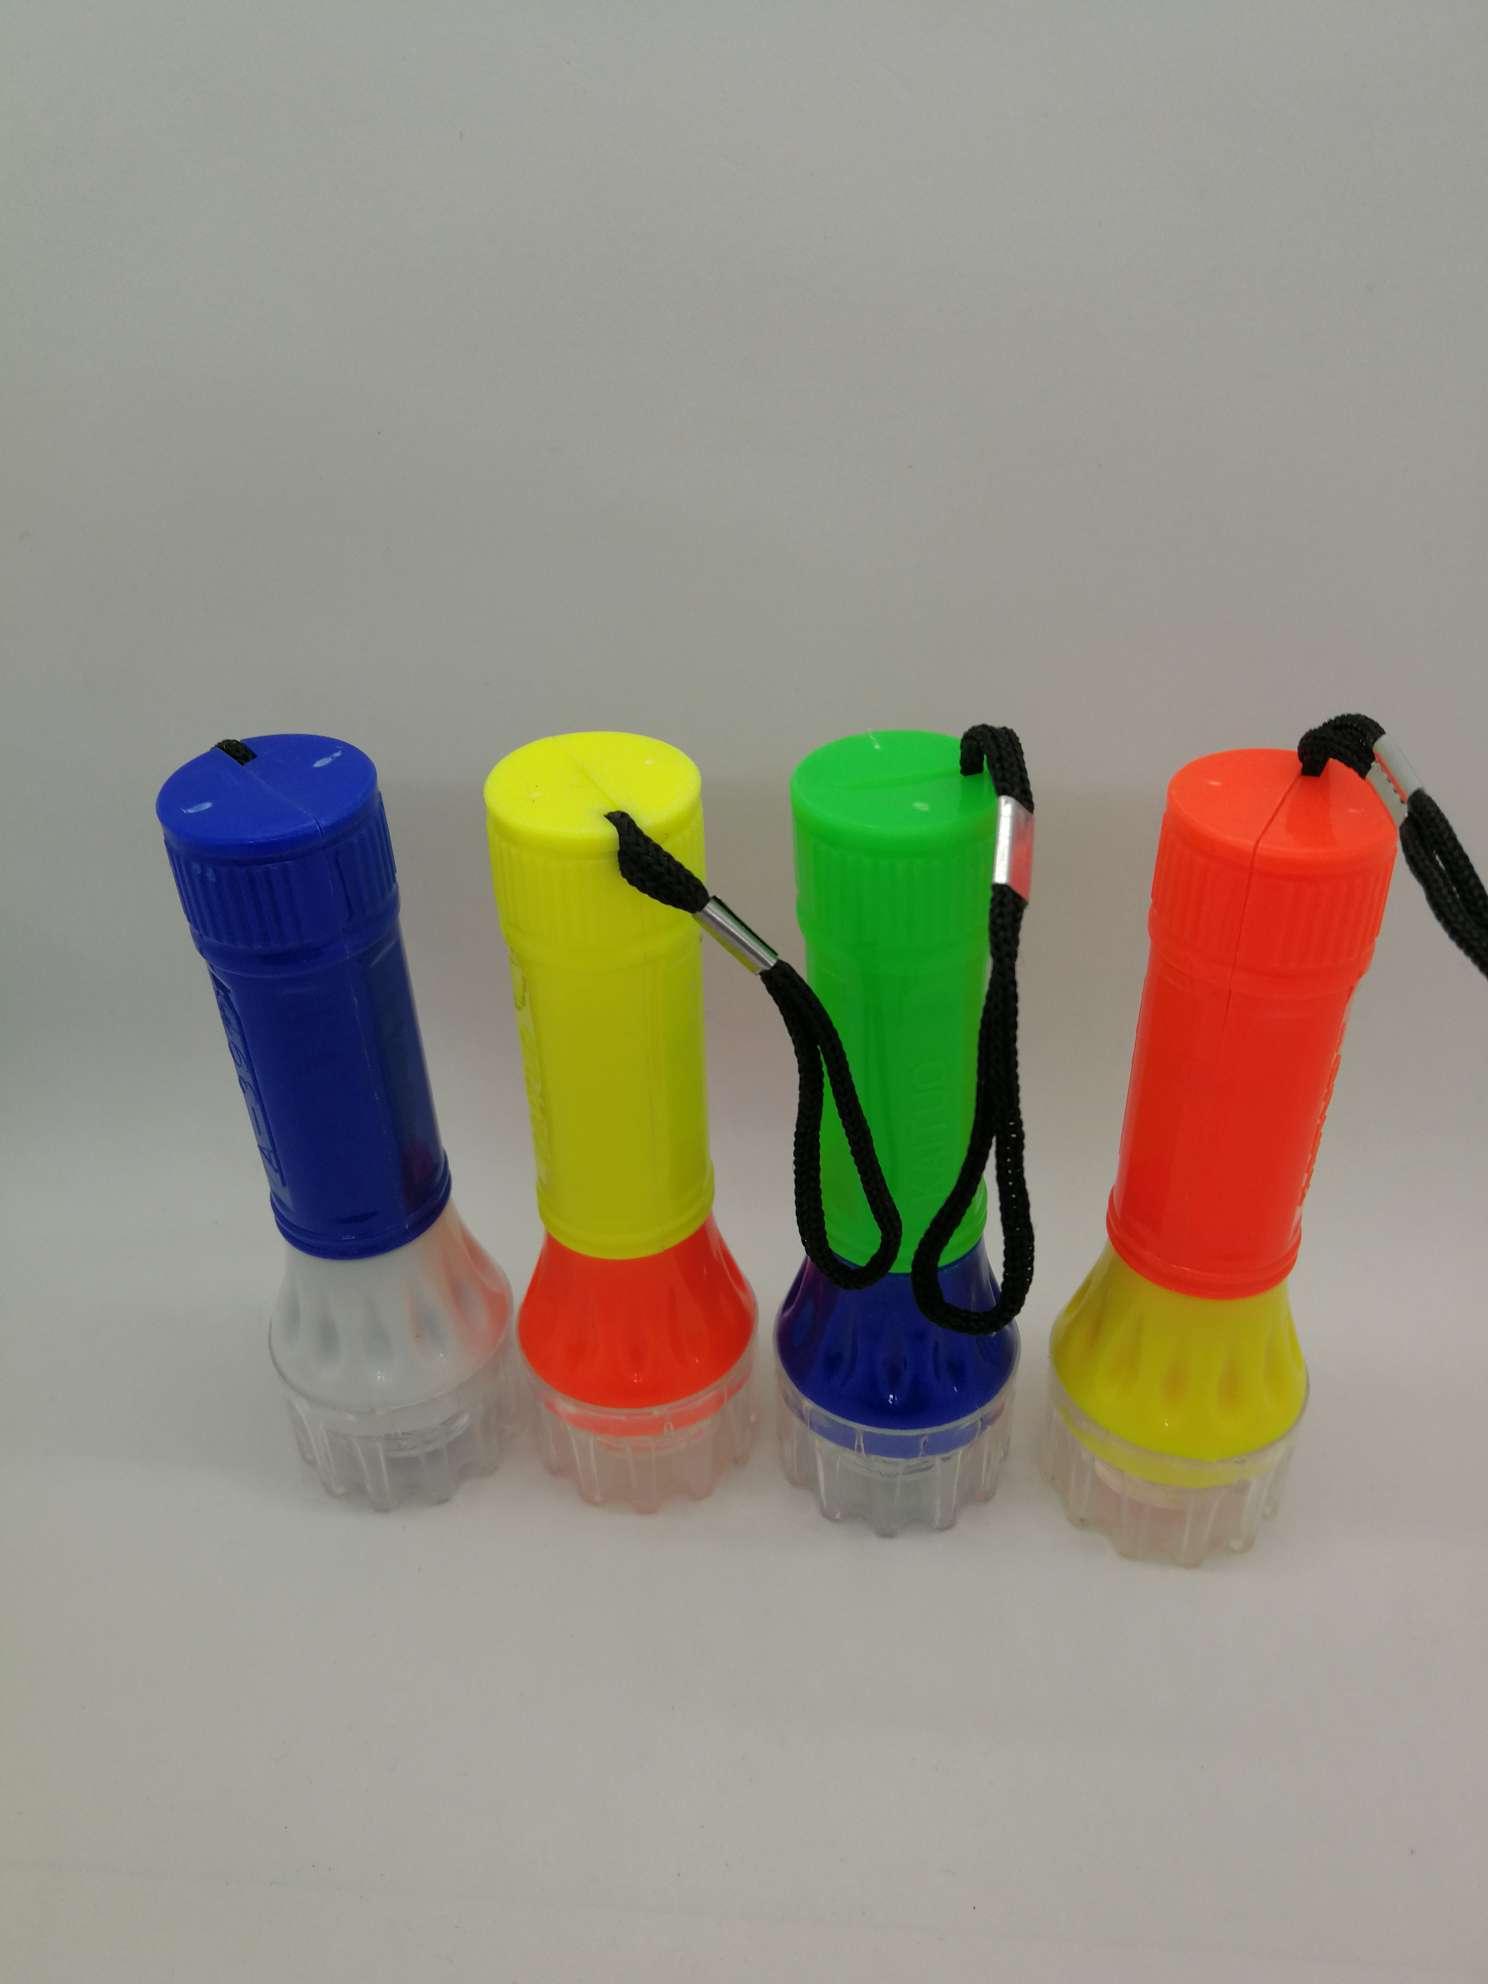 发光玩具 白光伸缩方便携带手电筒 活动赠送 厂家直销